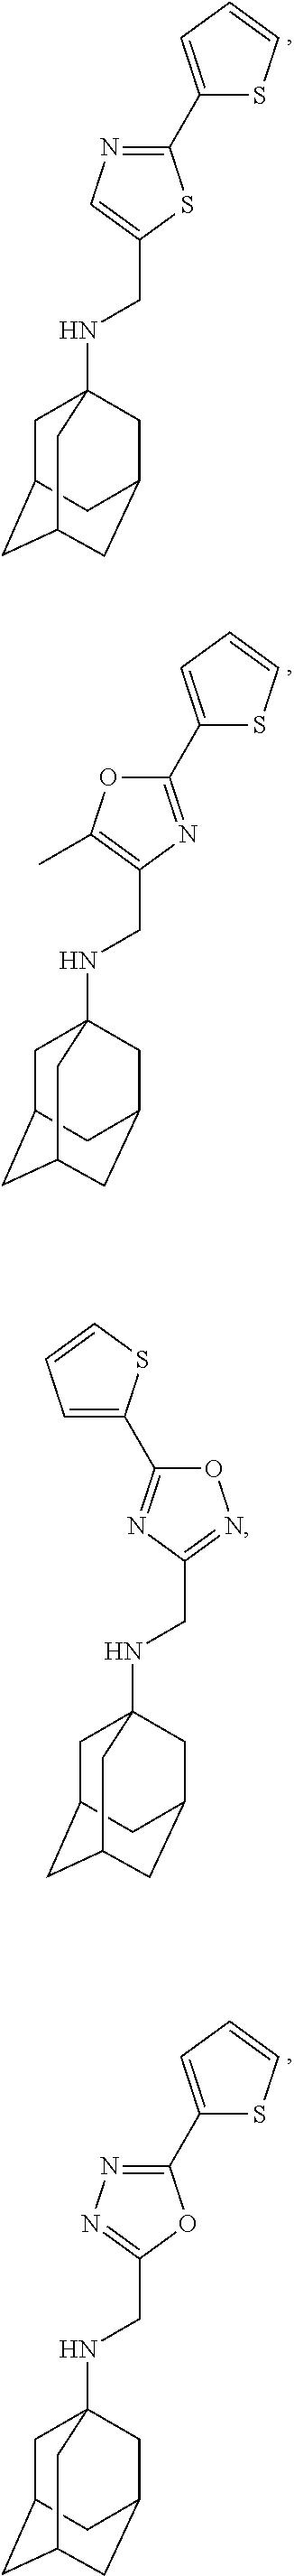 Figure US09884832-20180206-C00059